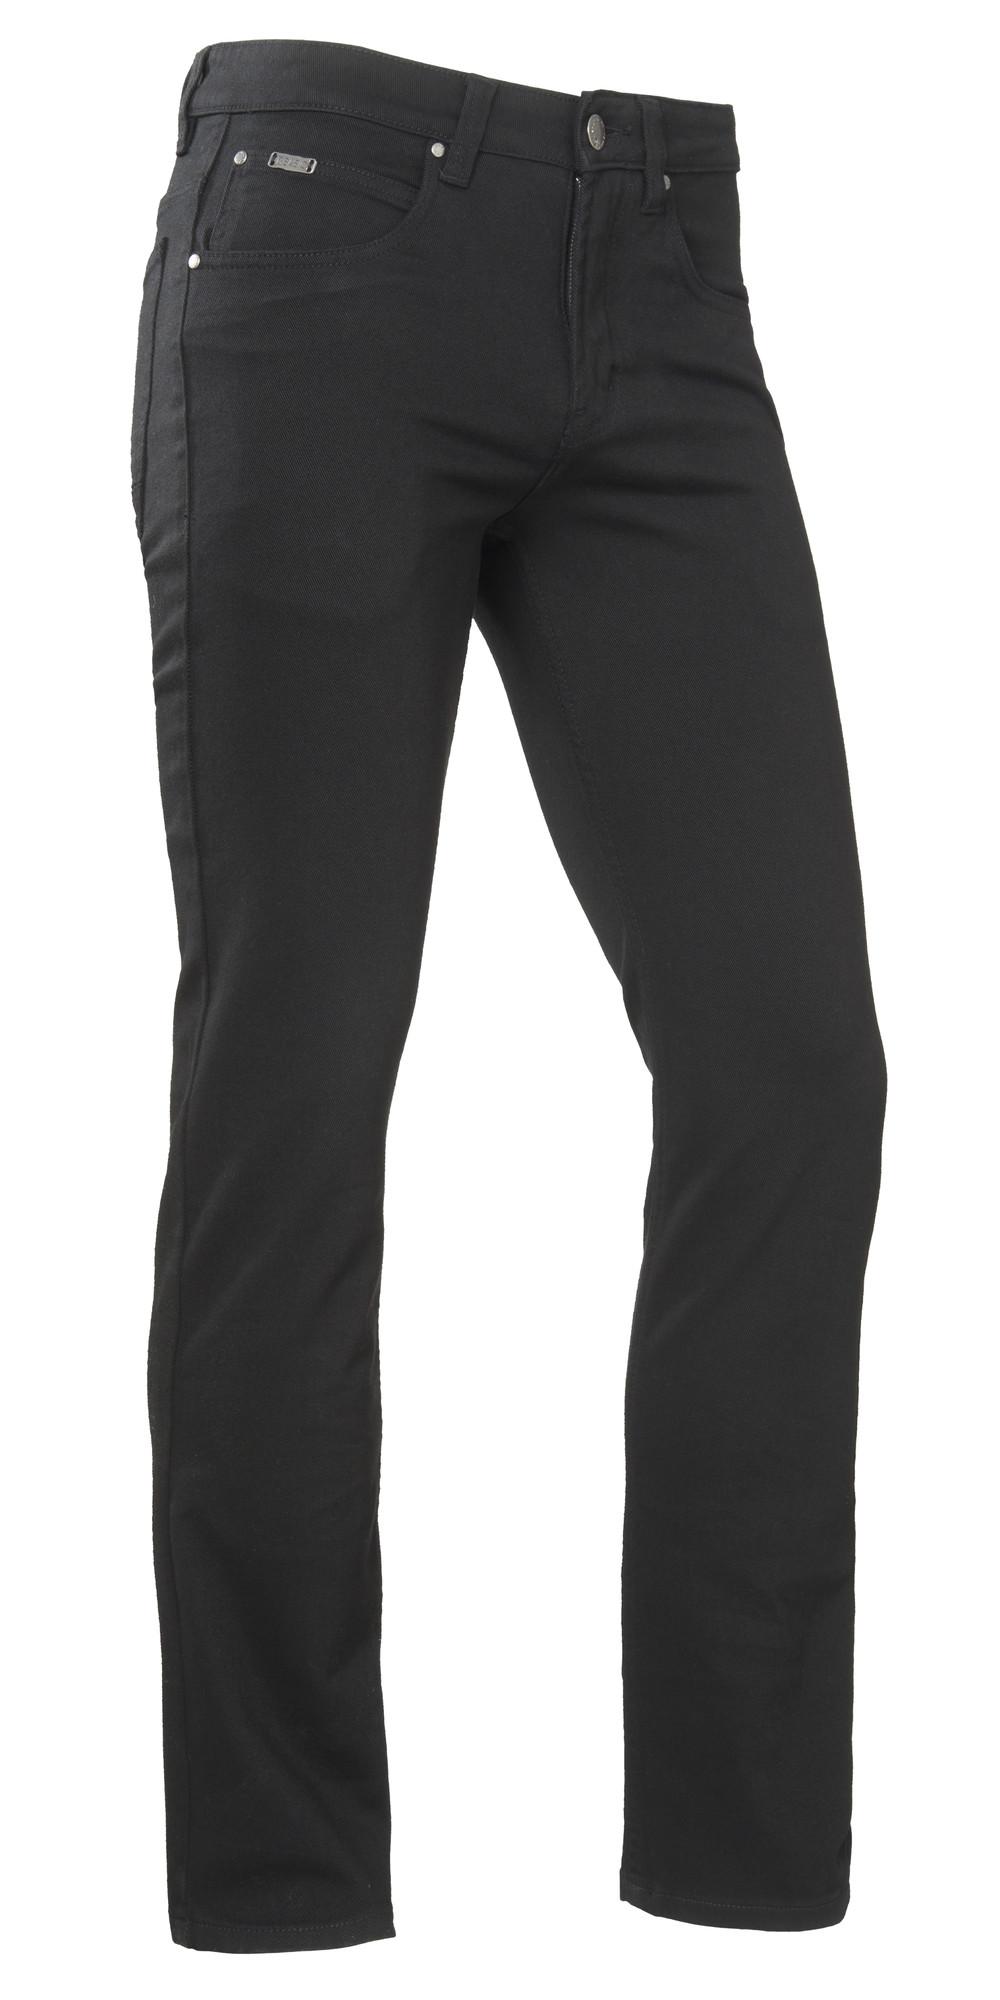 Brams Paris Danny Jeans Stretch (D51 Black Twill) W38-L30